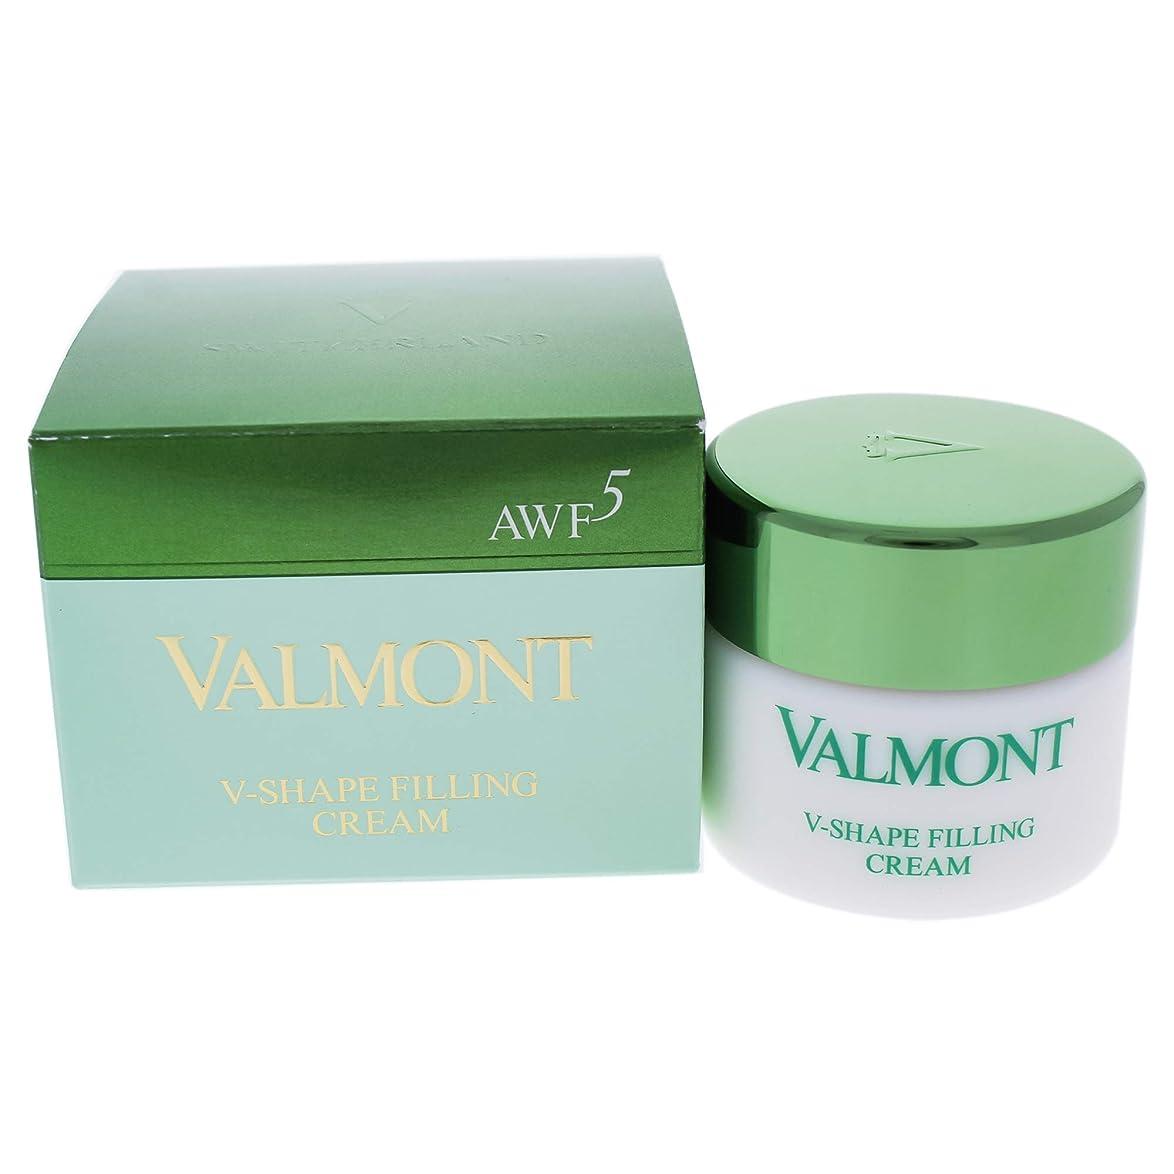 エコー耕す団結ヴァルモン AWF5 V-Shape Filling Cream 50ml/1.7oz並行輸入品